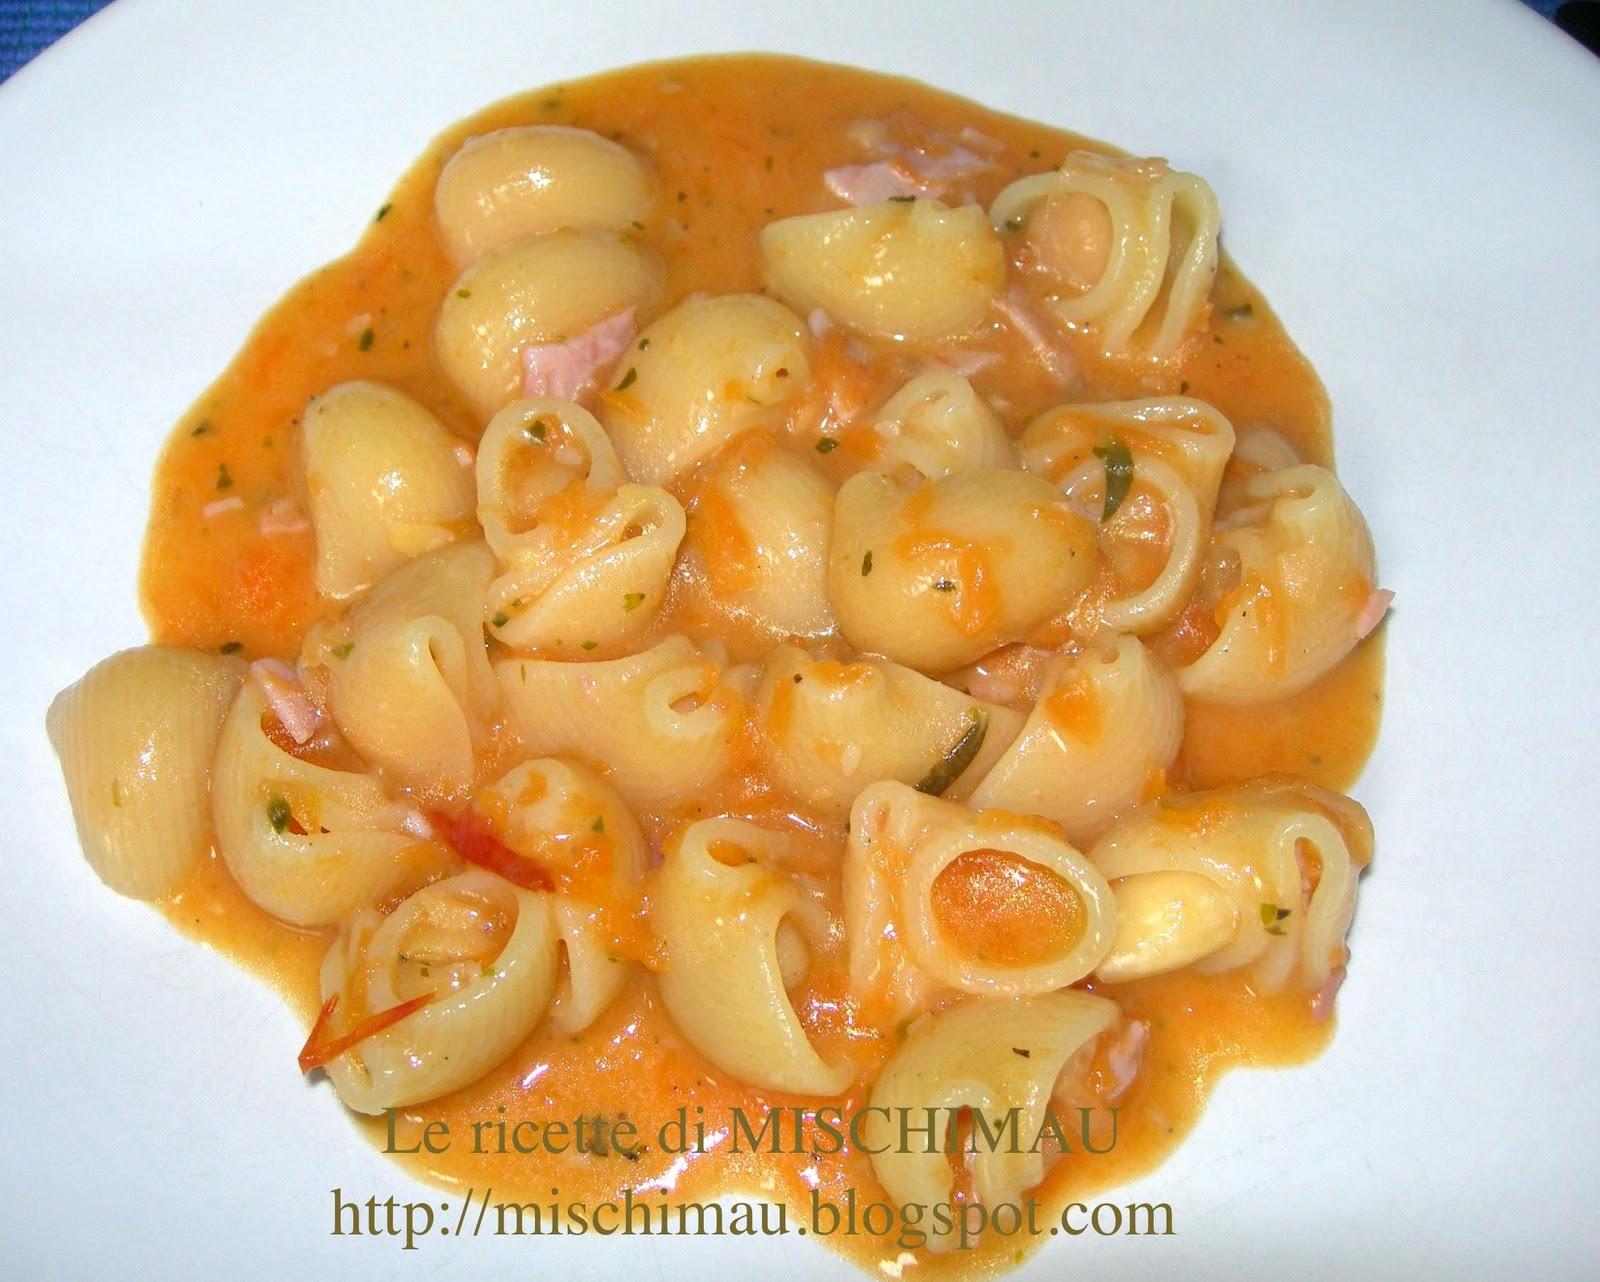 Le ricette di mischimau pasta d 39 inizio autunno for Ricette di pasta